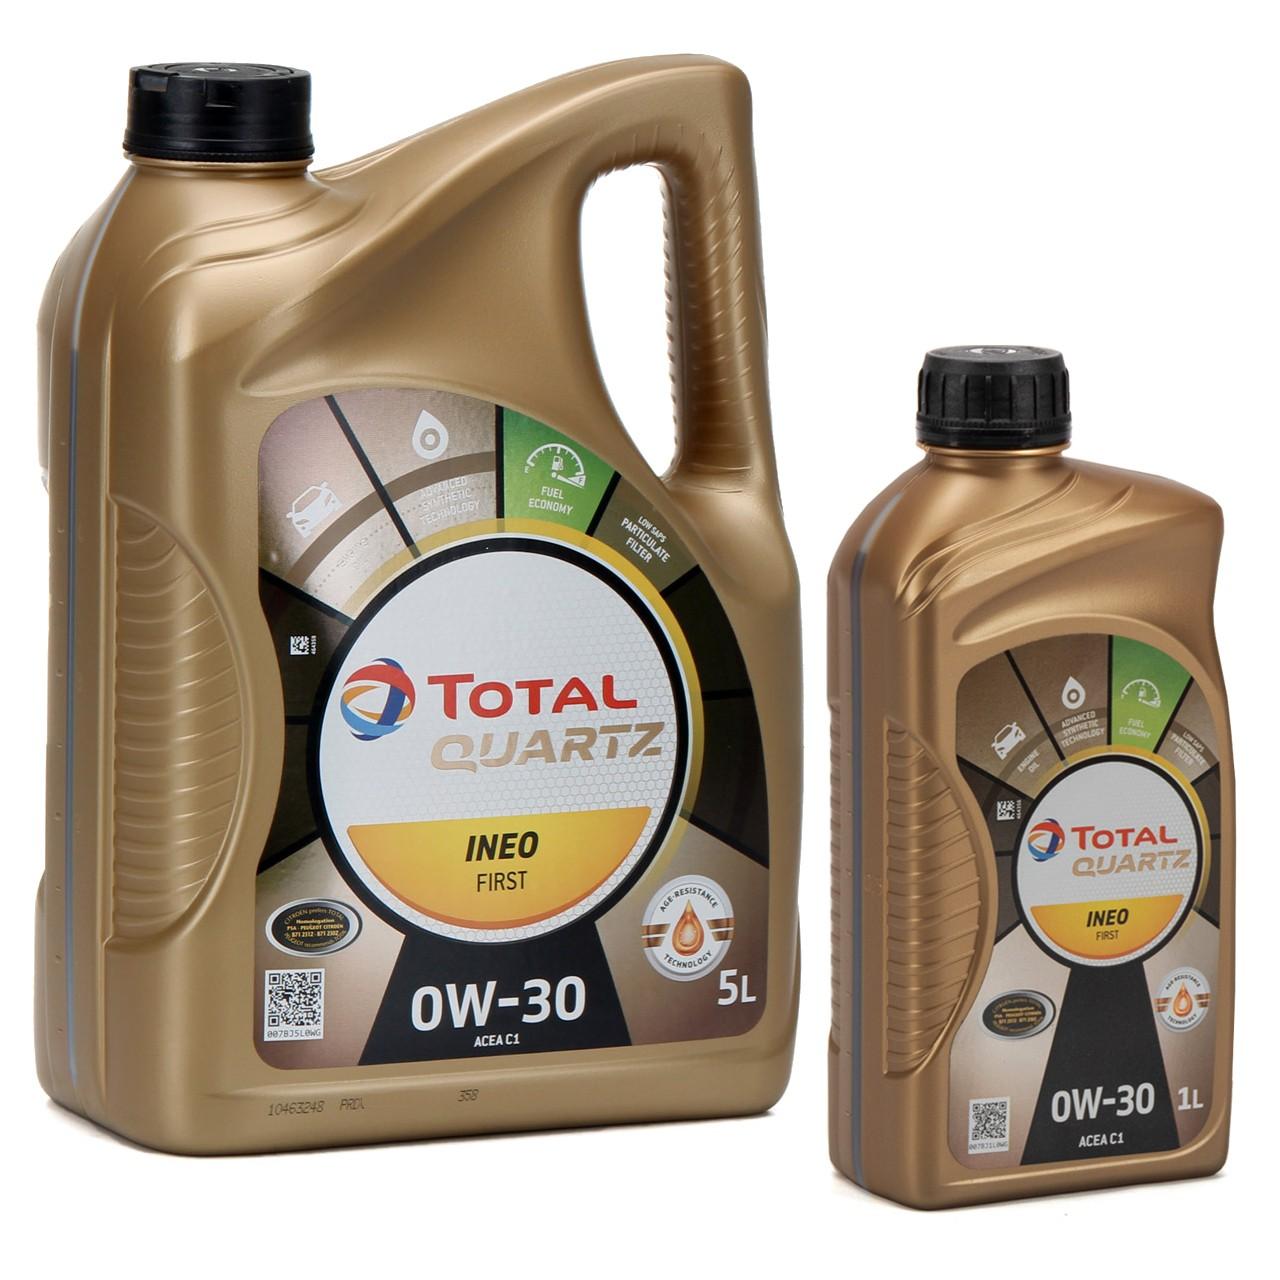 TOTAL QUARTZ INEO FIRST Motoröl Öl 0W-30 ACEA C1 C2 PSA B71 2312 - 6L 6 Liter